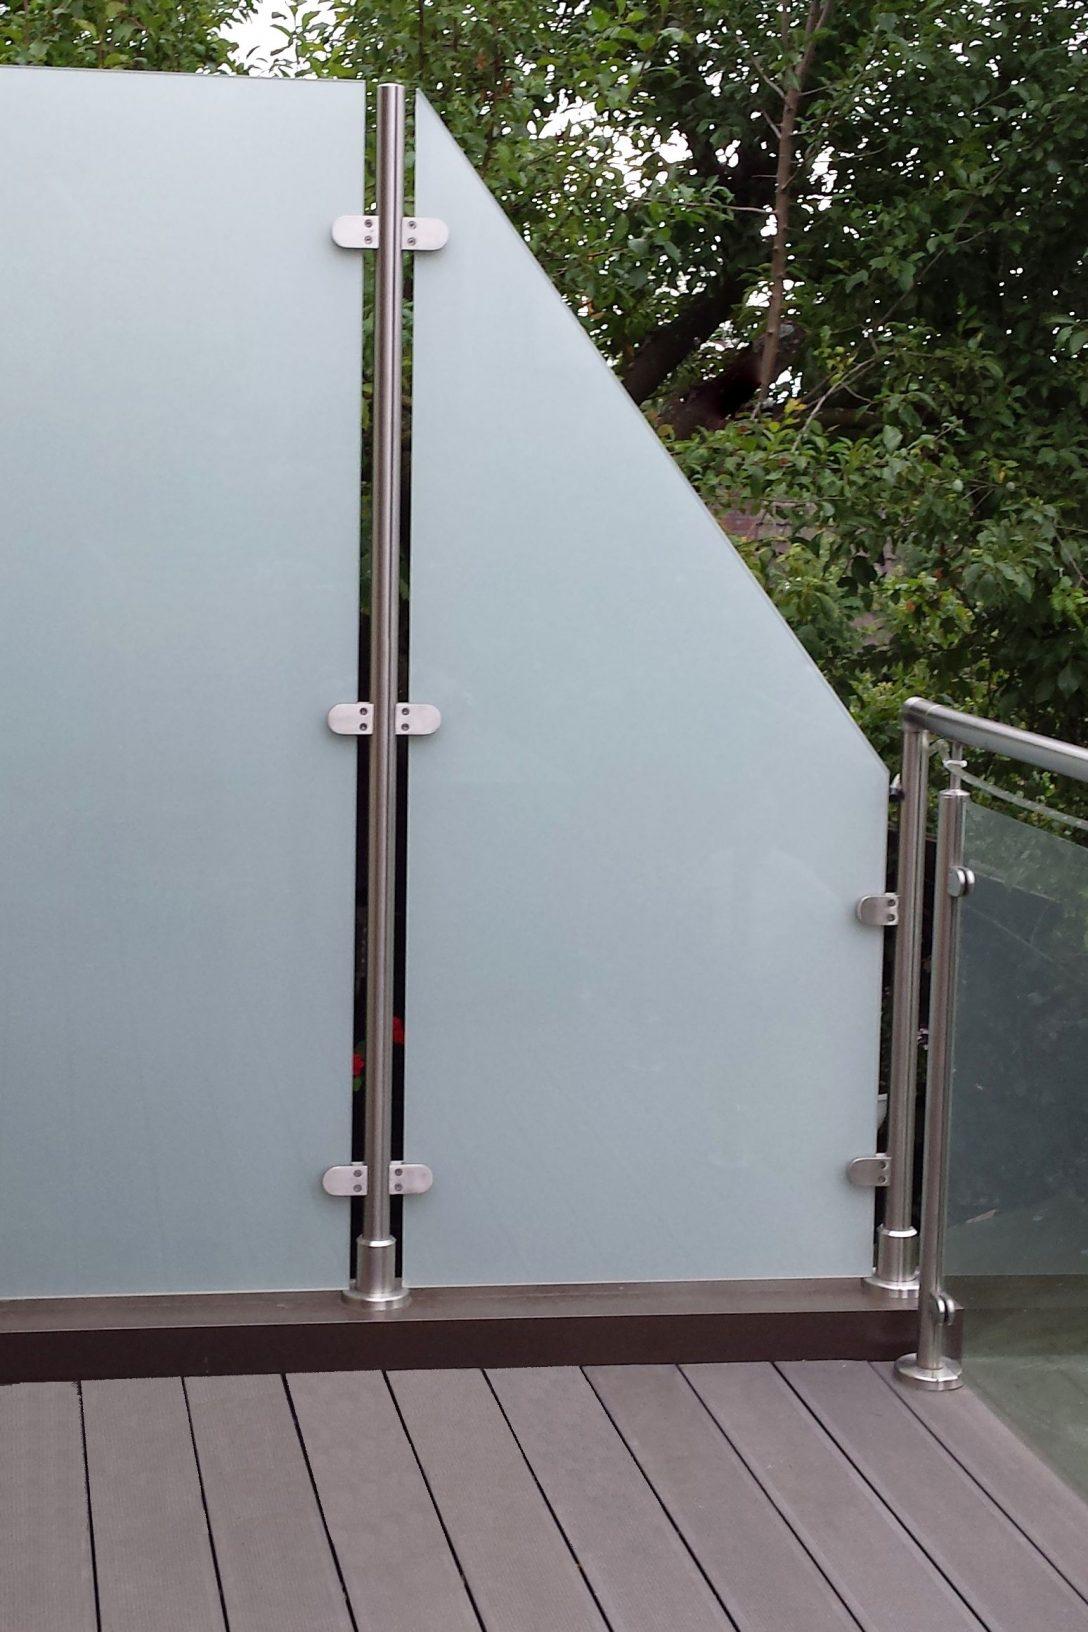 Large Size of Trennwand Balkon Sichtschutz Metall Sondereigentum Plexiglas Ikea Ohne Bohren Garten Glastrennwand Dusche Wohnzimmer Trennwand Balkon